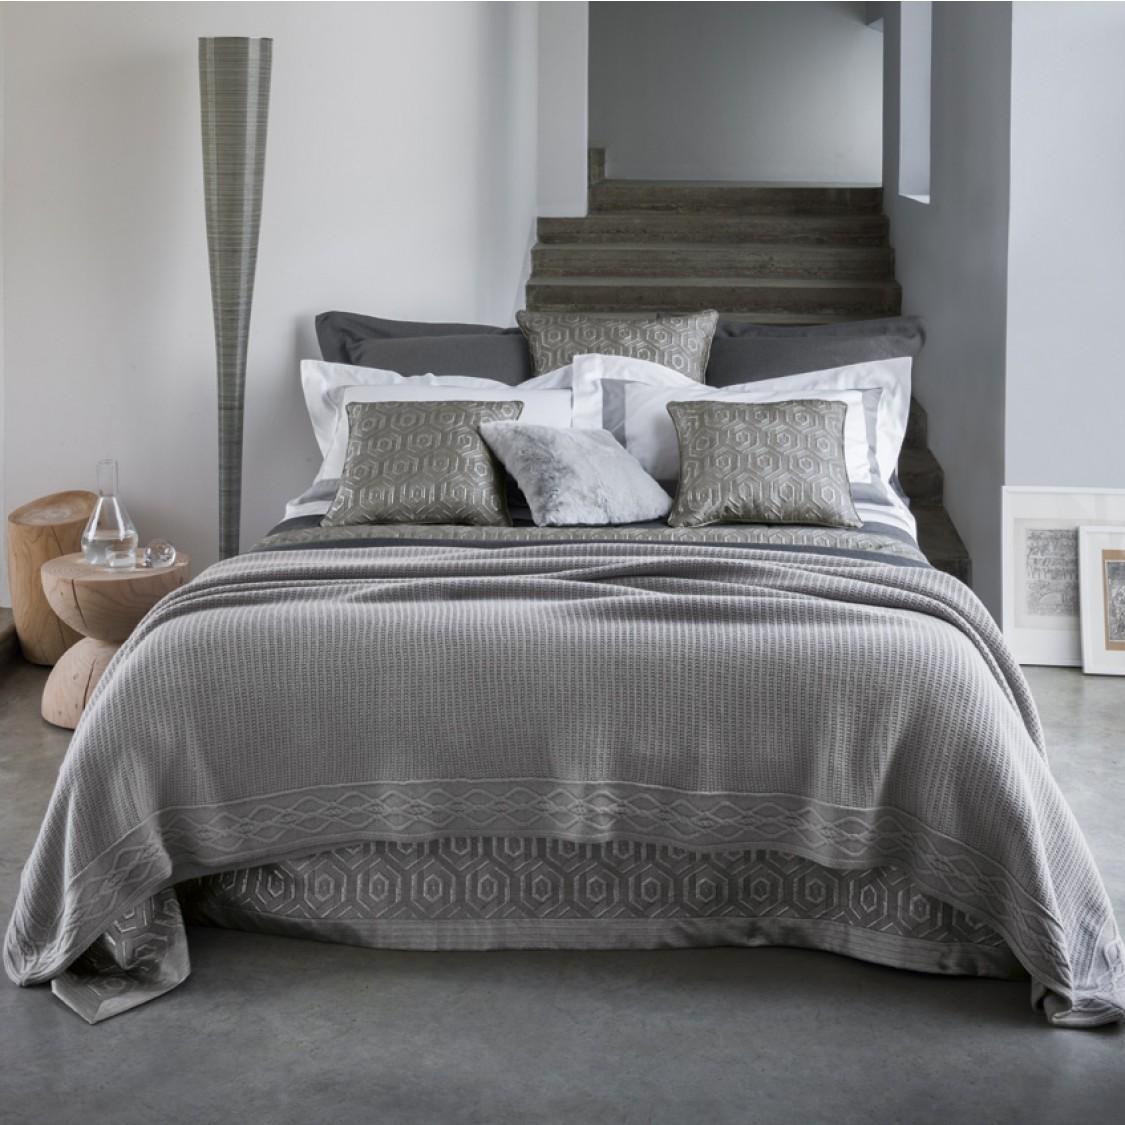 Frette Bed Linen Review